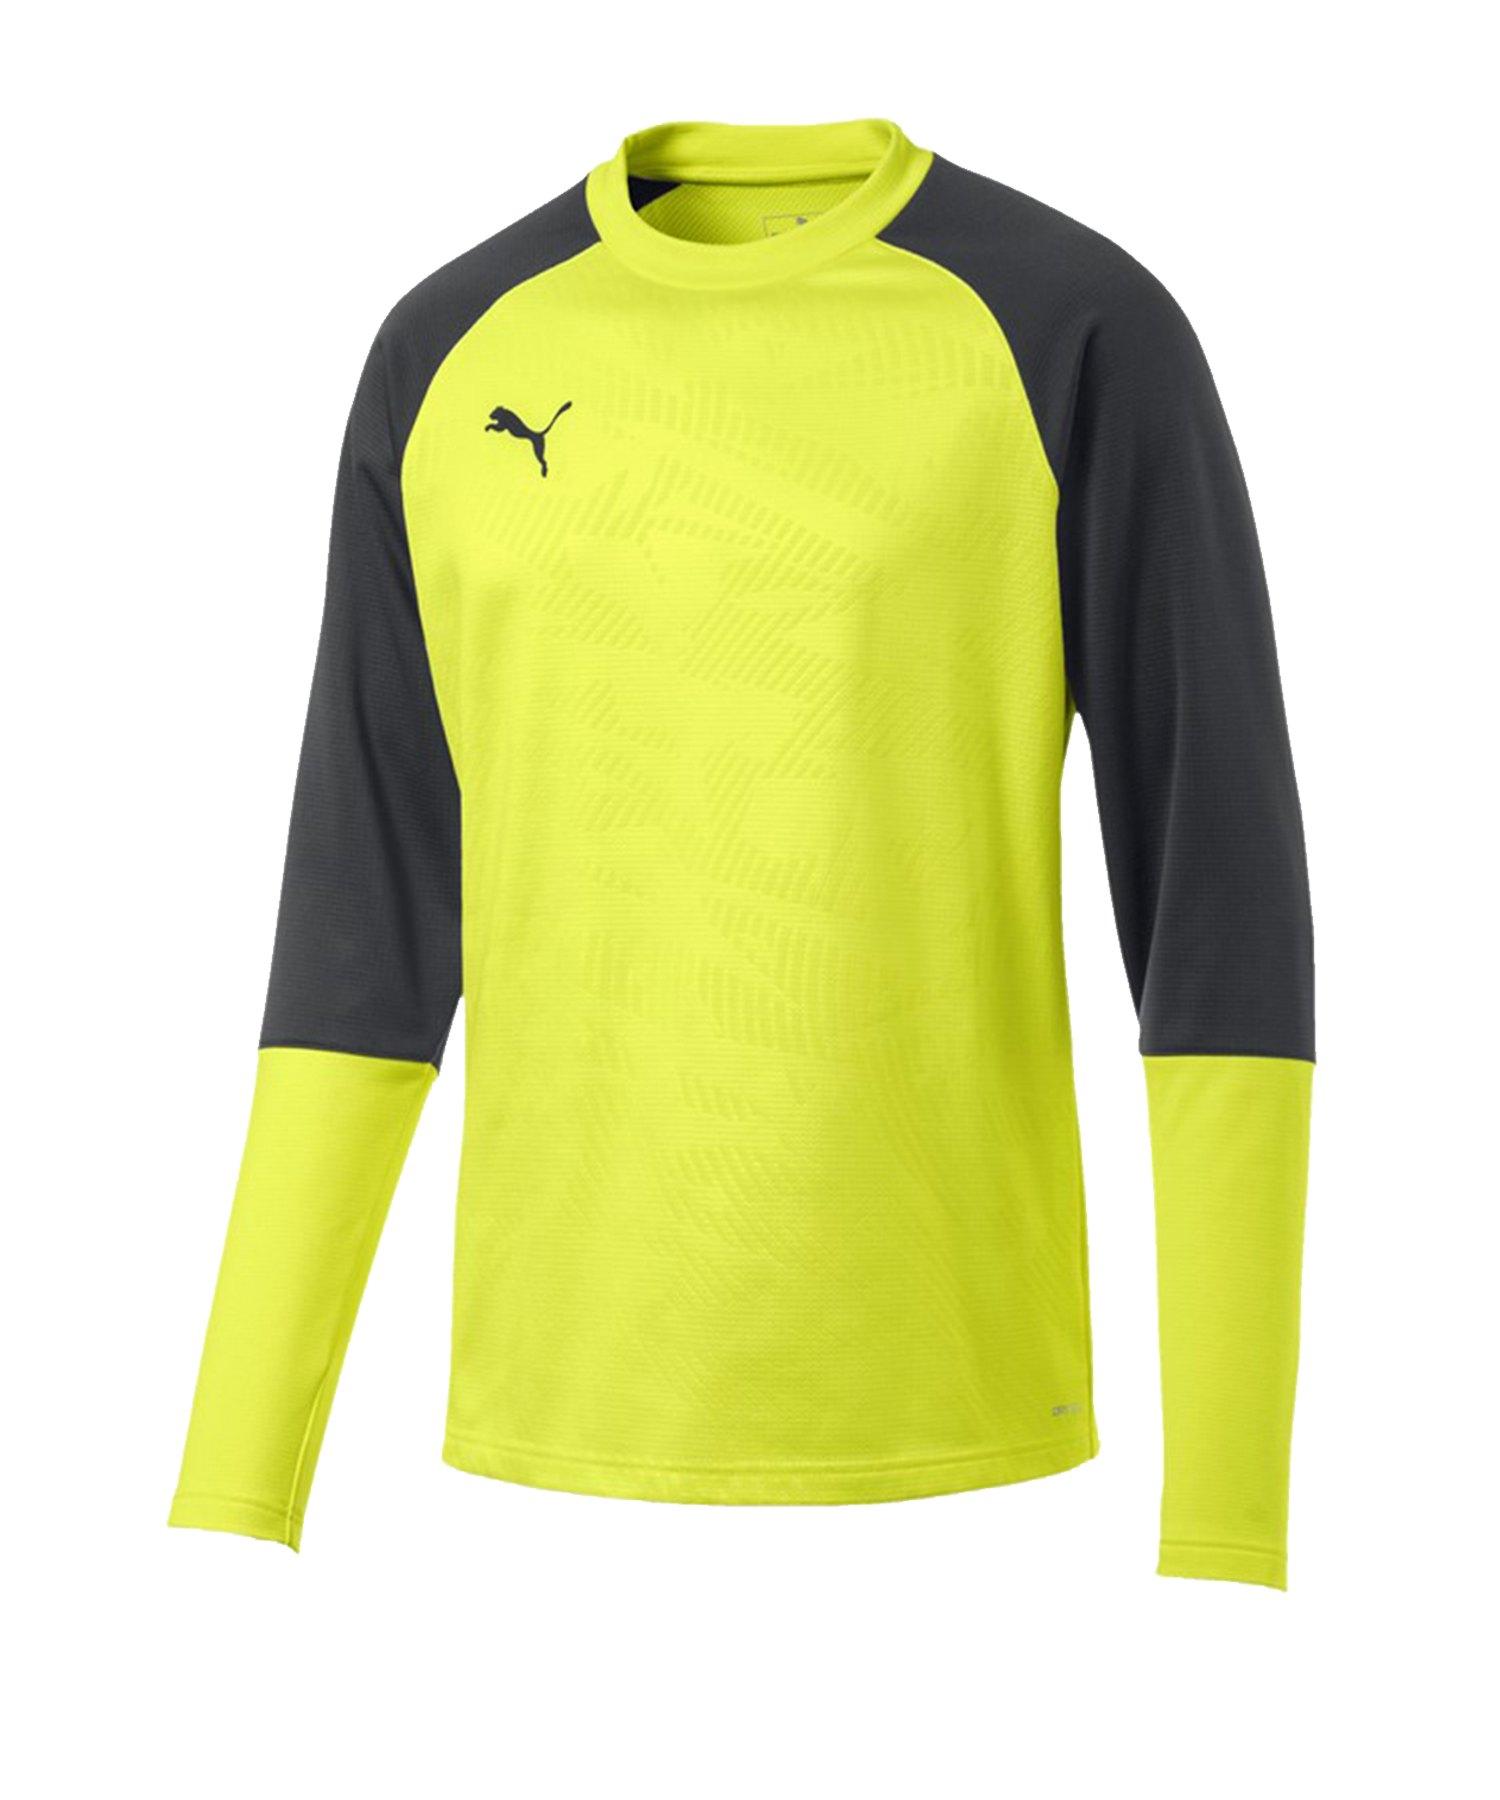 PUMA CUP Training Core Sweatshirt Gelb F16 - gelb